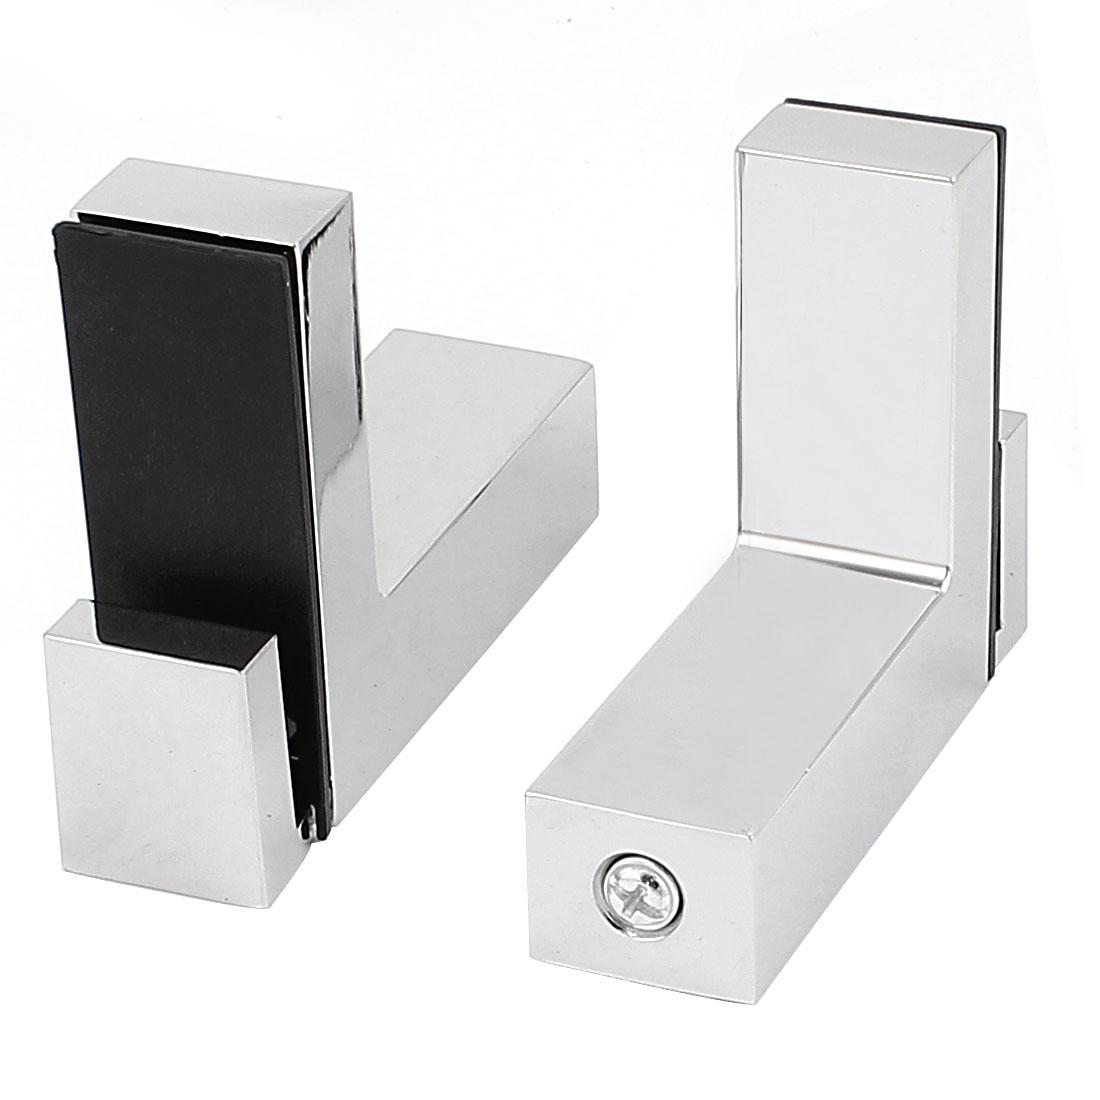 Polished Adjustable Glass Clamp Clips Bracket Grip Glass Holder 2 Pcs